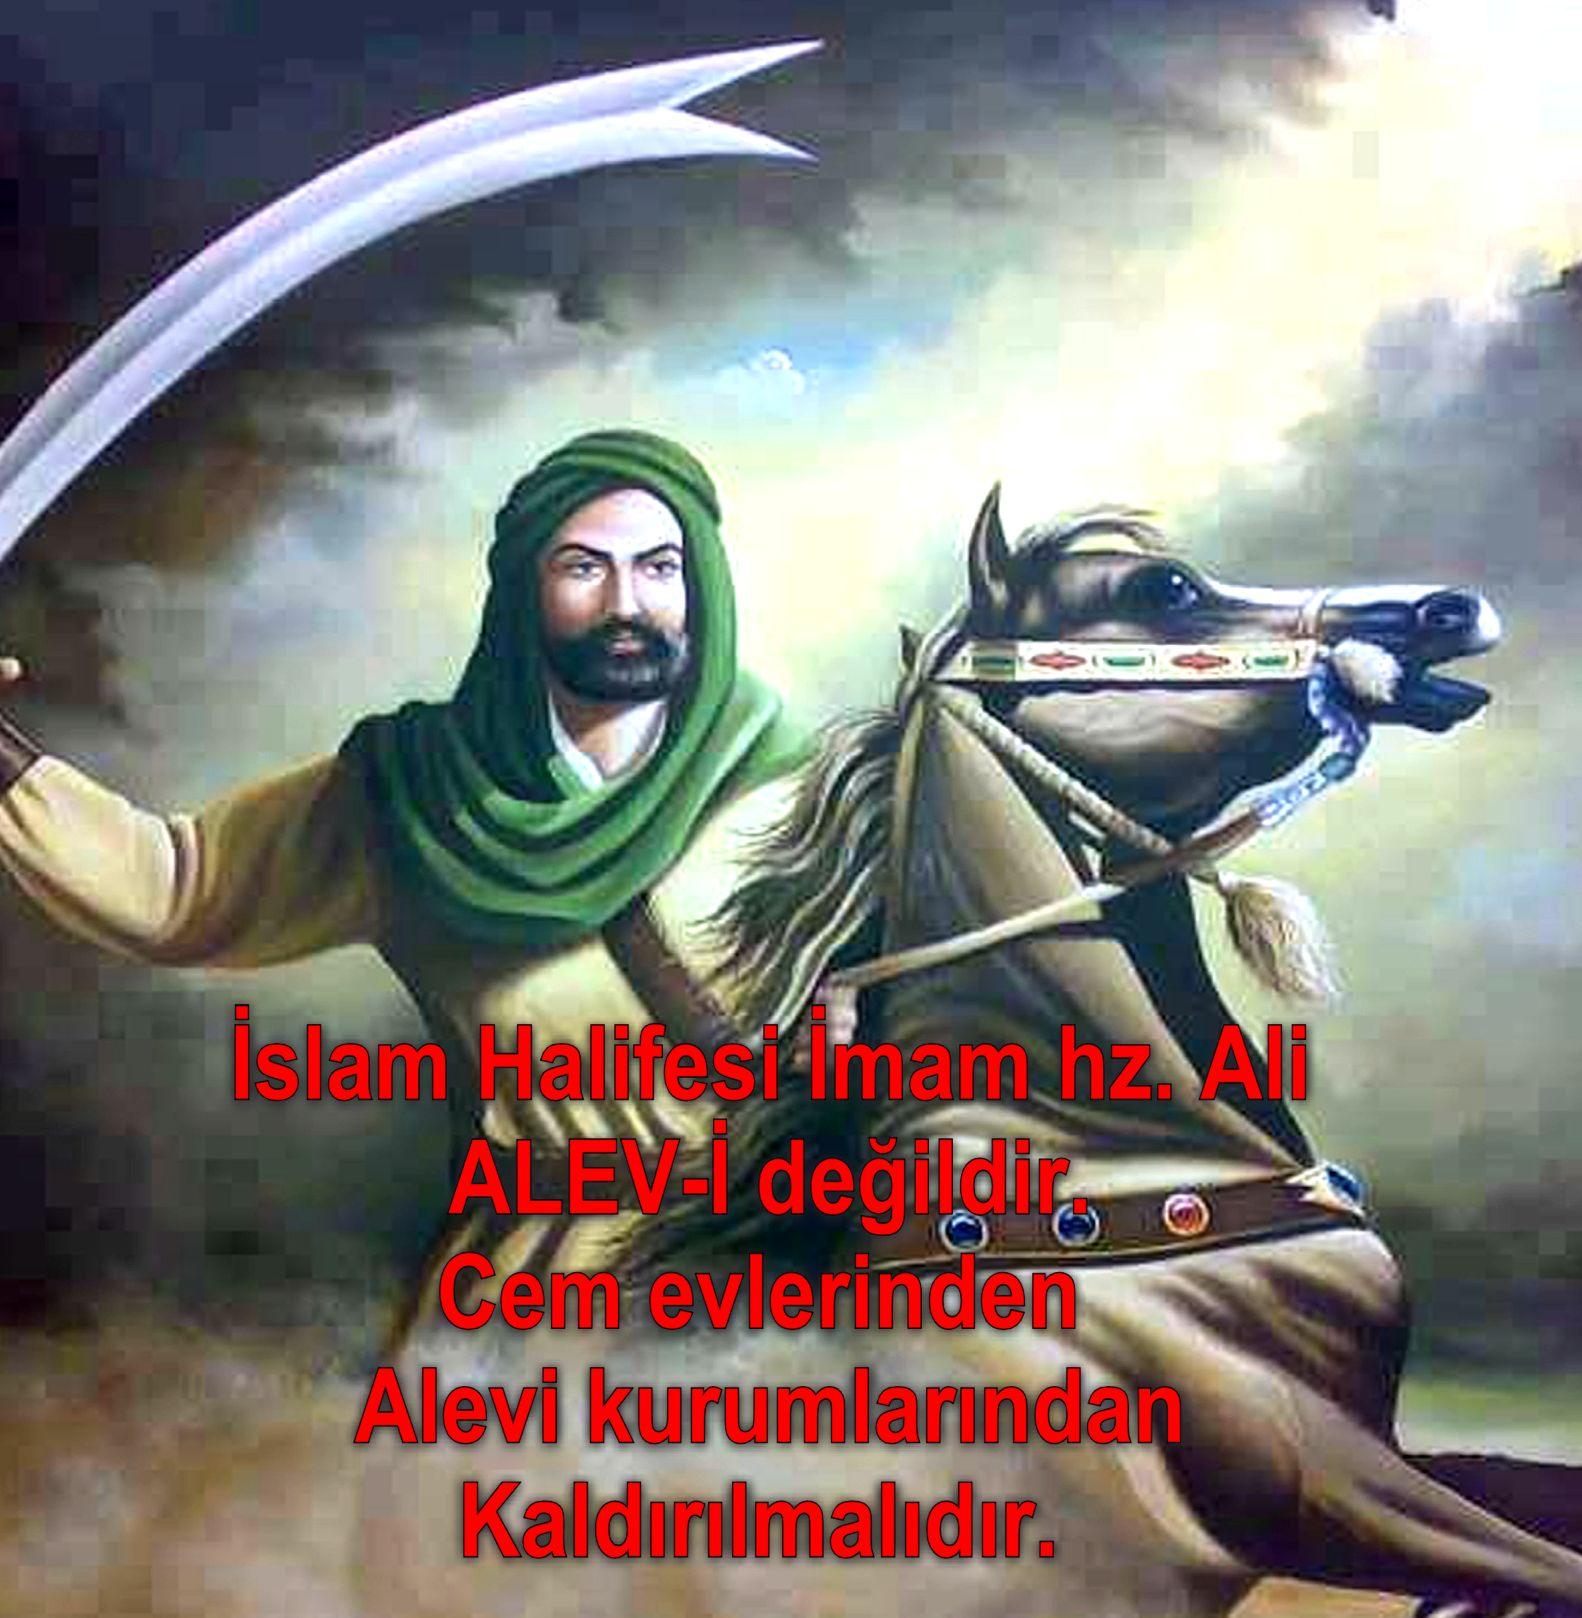 pir sultan cemevi bektaşi kızılbas Feramuz Devrimci Aleviler birliği ali alevi degildir